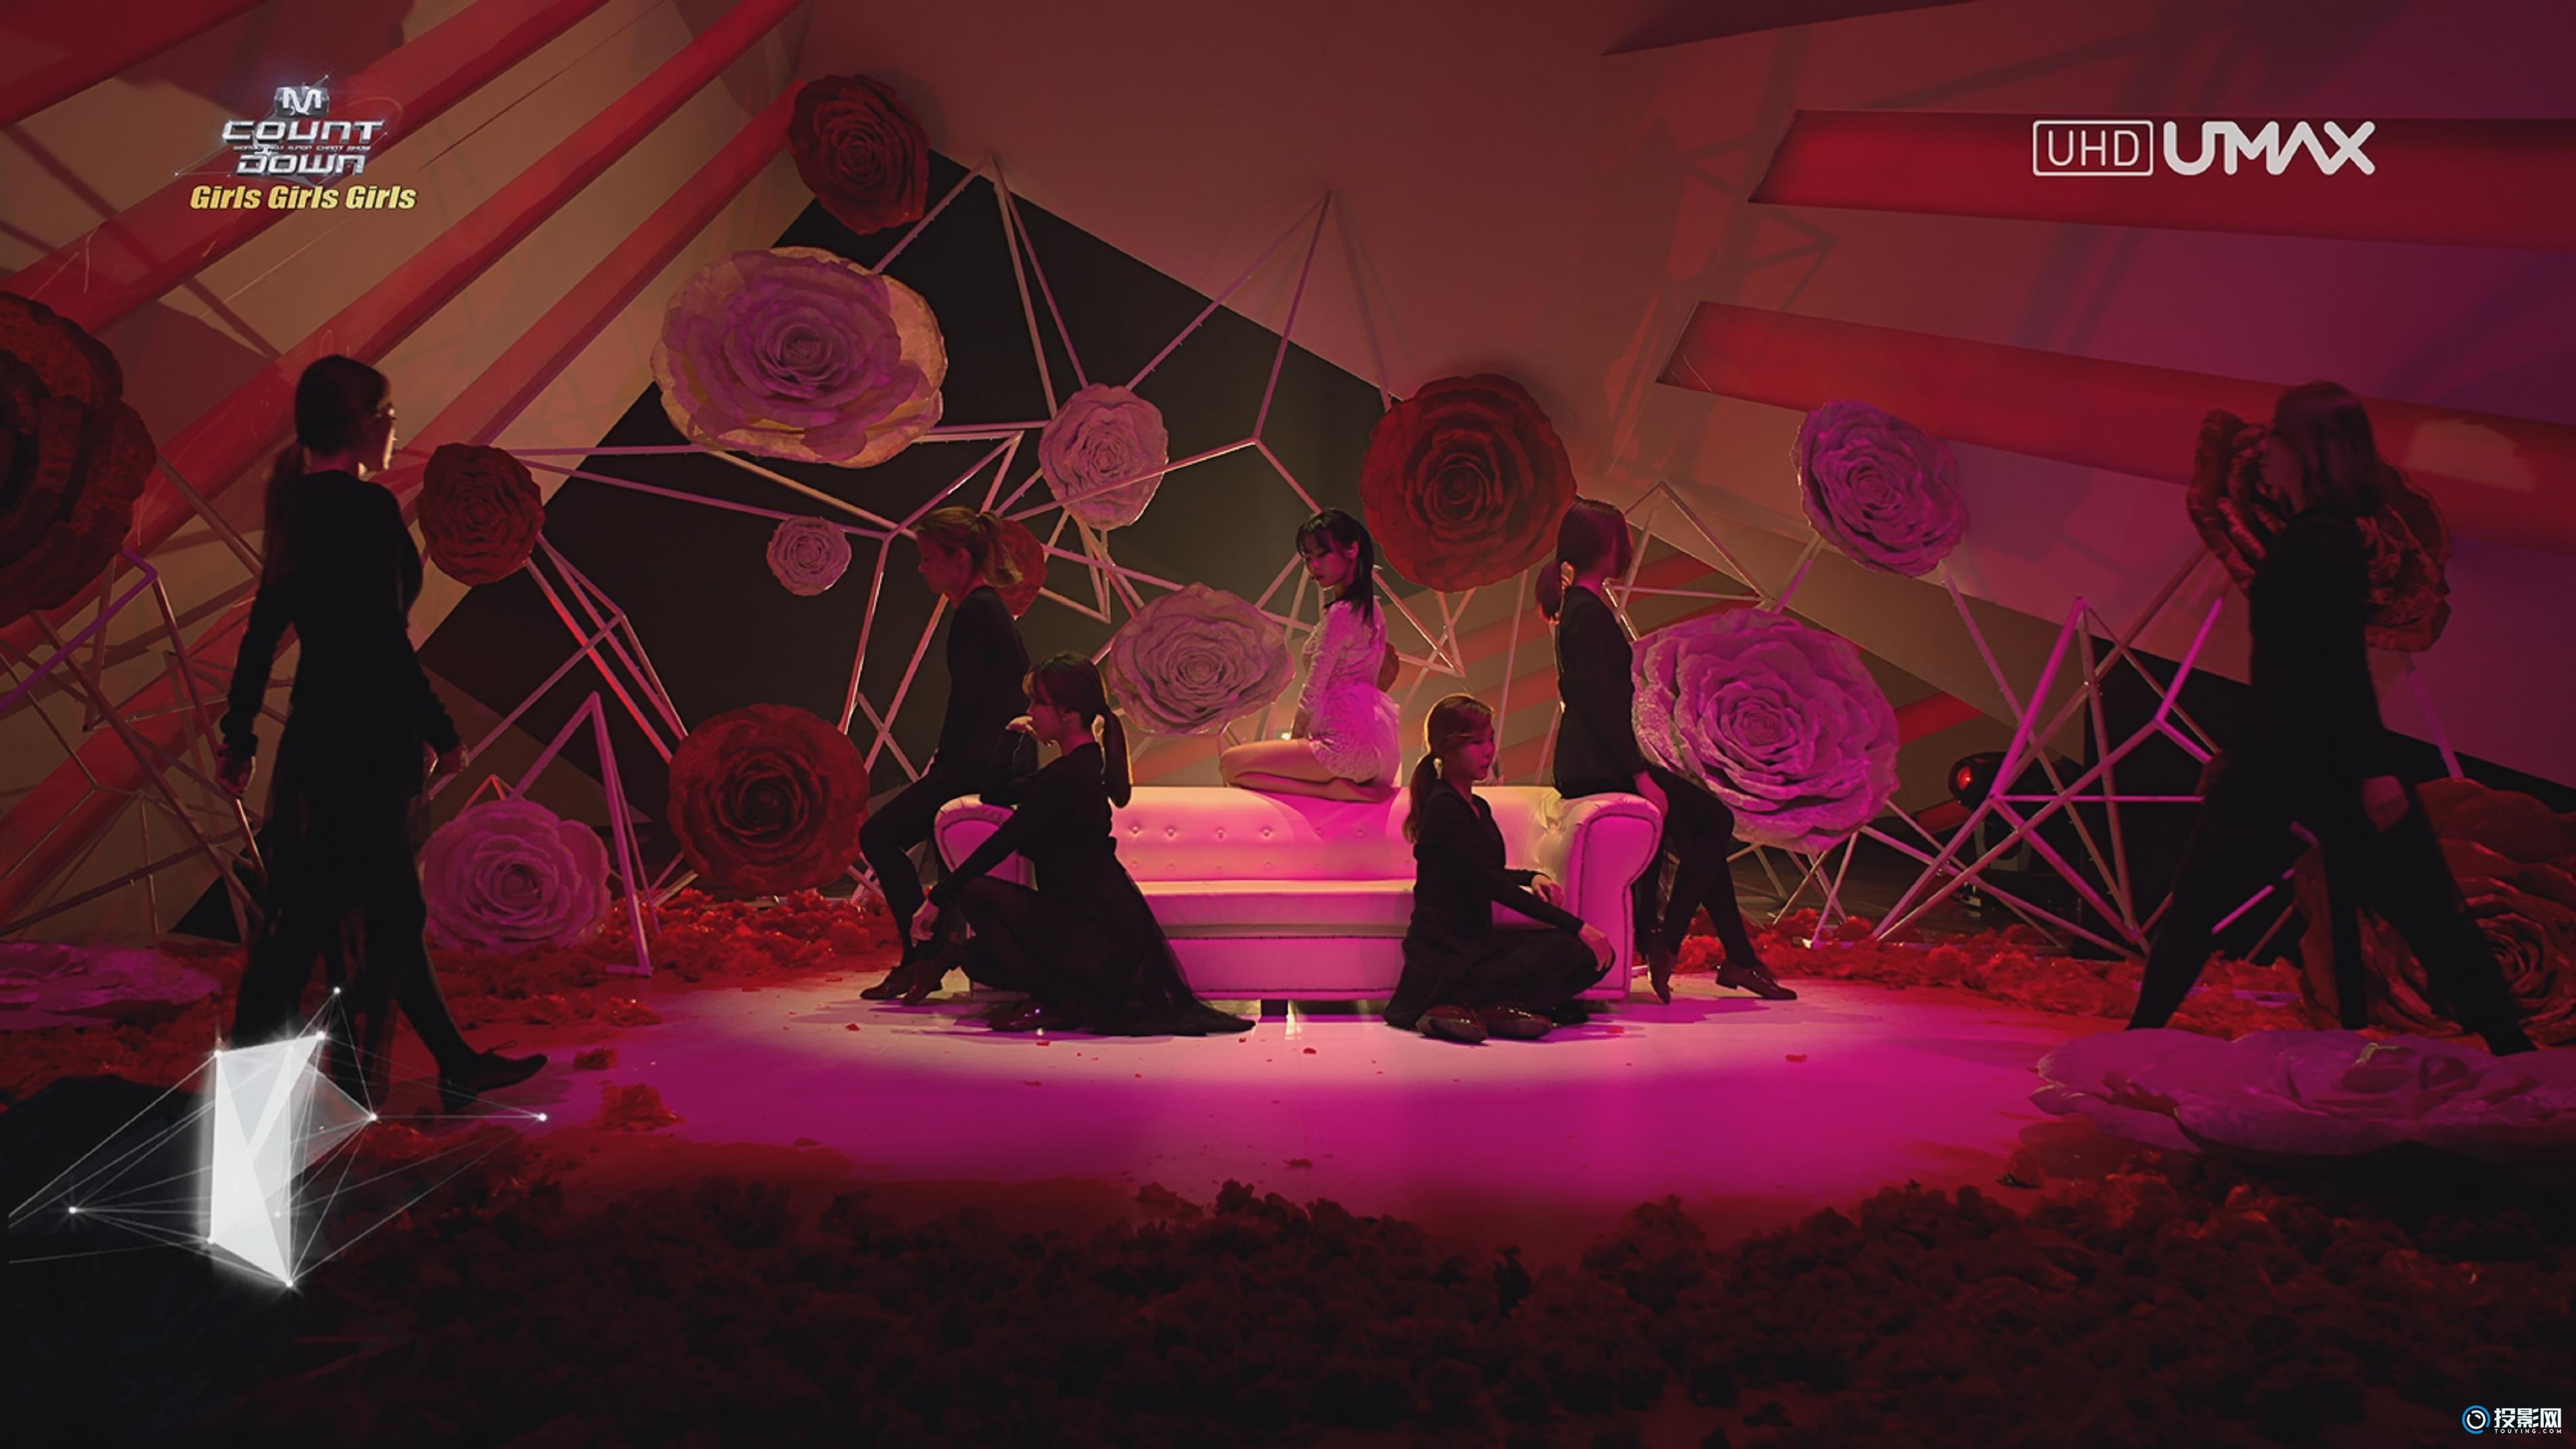 [韩国MV] Sunmi-满月(UMAX MCD女孩特别)[UHD ]  4KMV视频下载